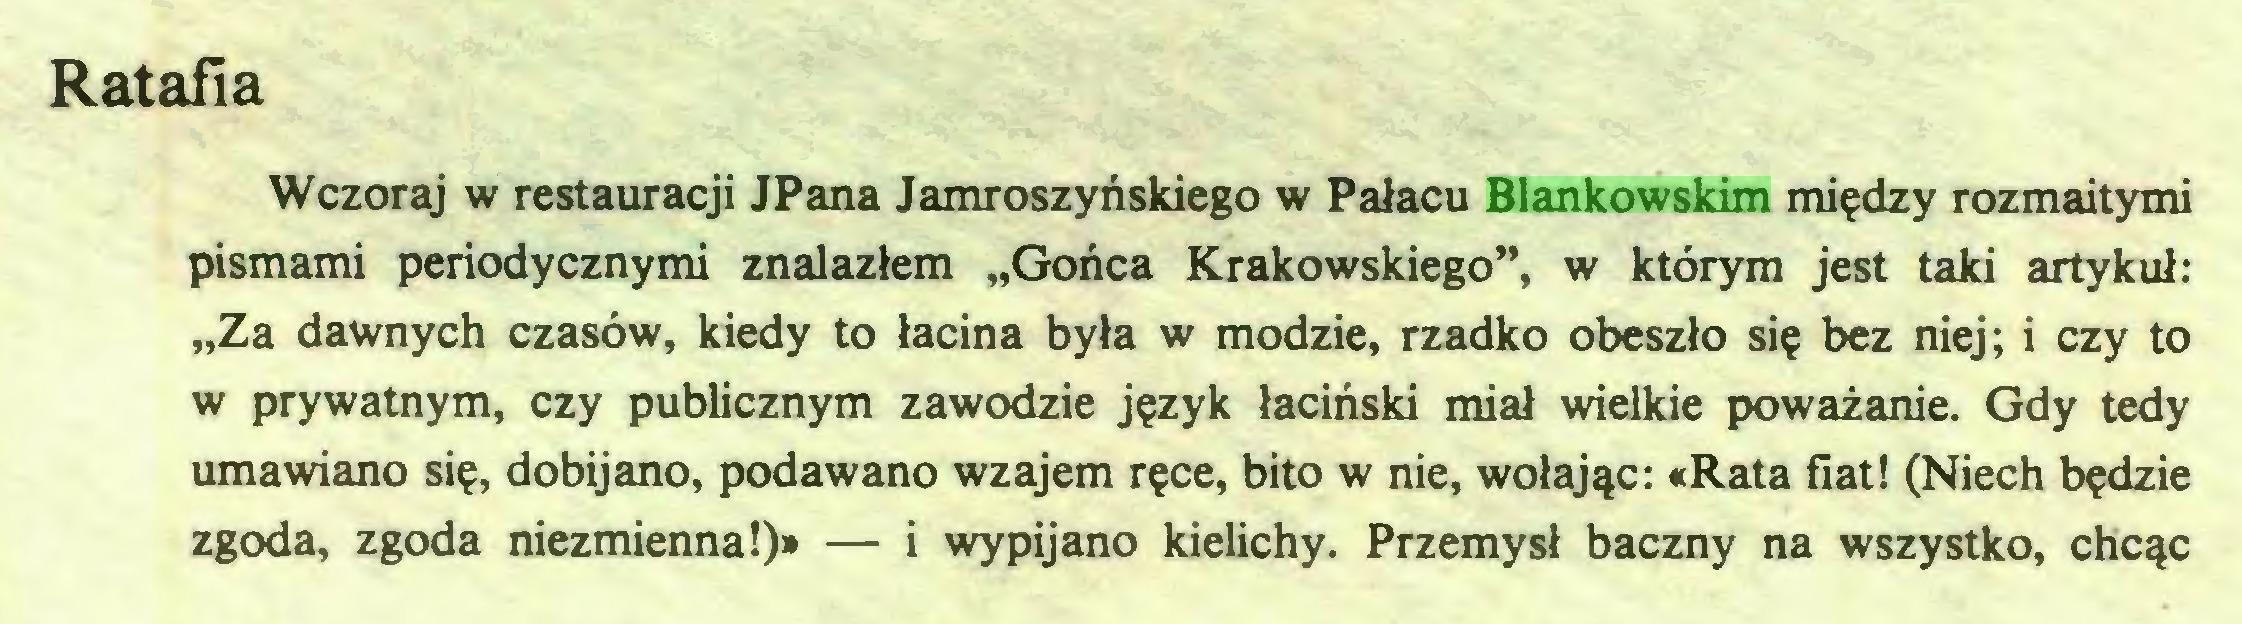 """(...) Ratafia Wczoraj w restauracji JPana Jamroszyńskiego w Pałacu Blankowskim między rozmaitymi pismami periodycznymi znalazłem """"Gońca Krakowskiego"""", w którym jest taki artykuł: """"Za dawnych czasów, kiedy to łacina była w modzie, rzadko obeszło się bez niej; i czy to w prywatnym, czy publicznym zawodzie język łaciński miał wielkie poważanie. Gdy tedy umawiano się, dobijano, podawano wzajem ręce, bito w nie, wołając: «Rata fiat! (Niech będzie zgoda, zgoda niezmienna!)» — i wypijano kielichy. Przemysł baczny na wszystko, chcąc..."""